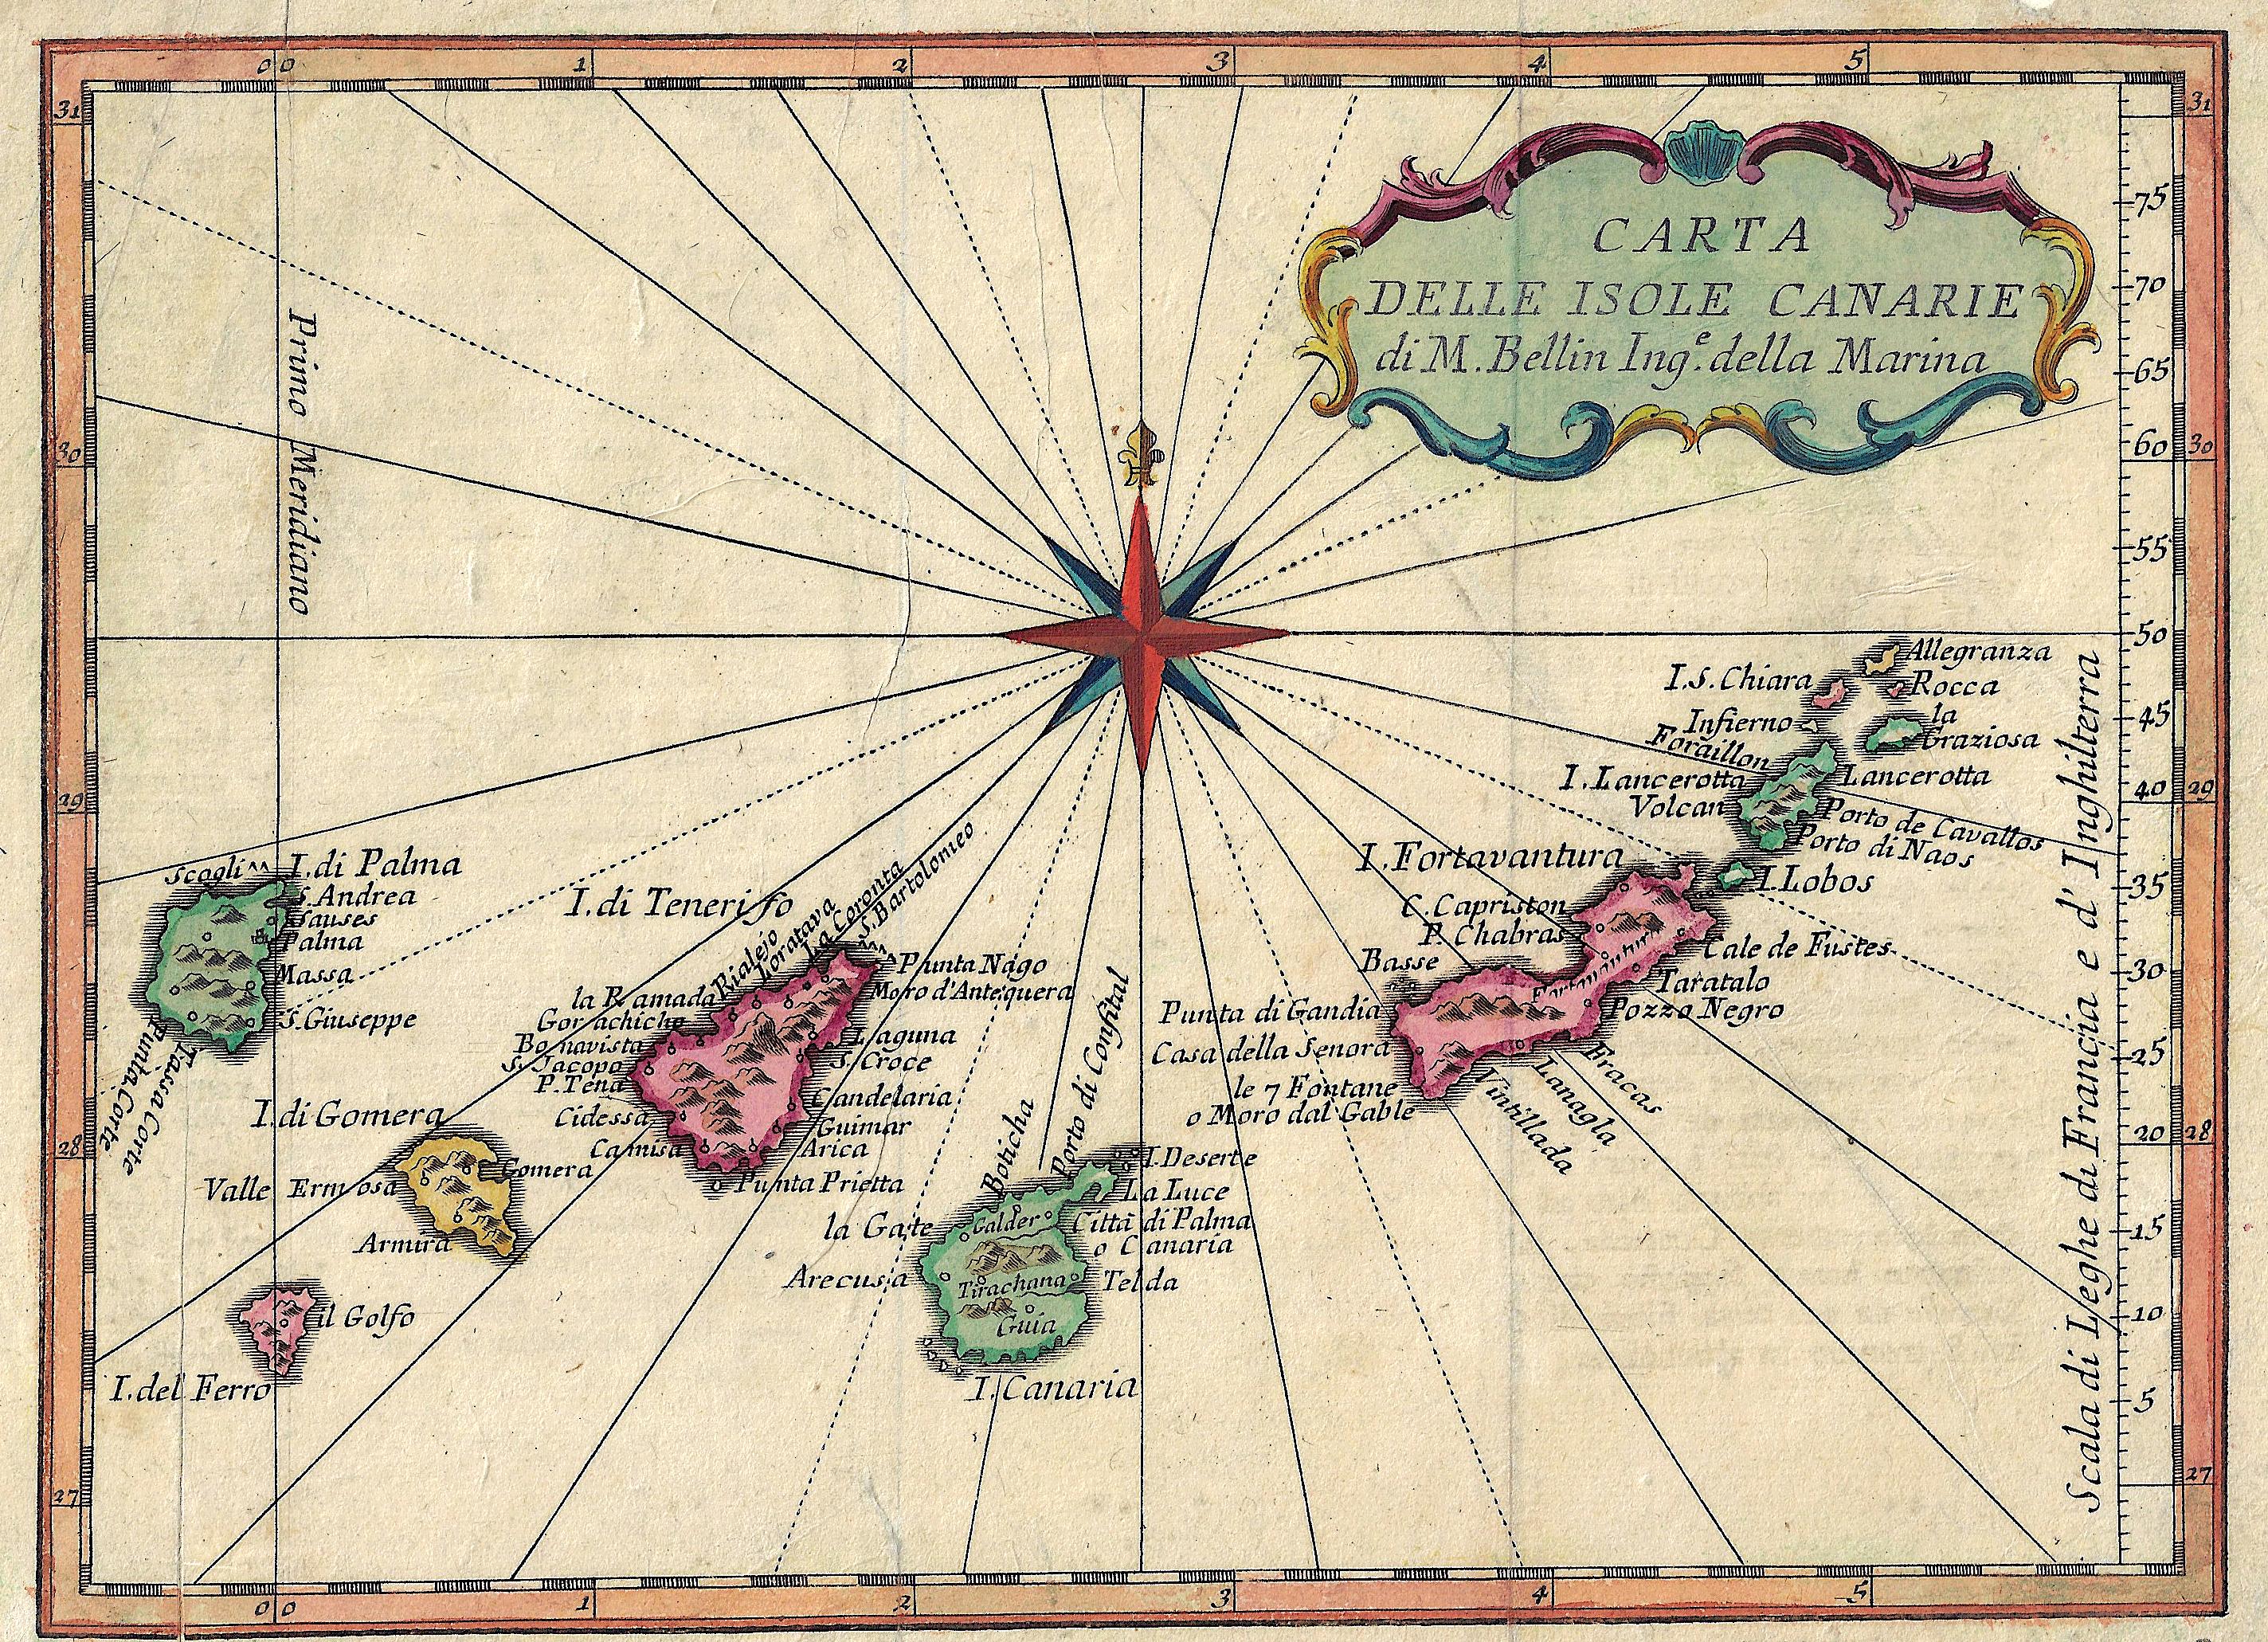 Bellin  Carta delle Isole Canarie di M. Bellin Inge. Della Marina